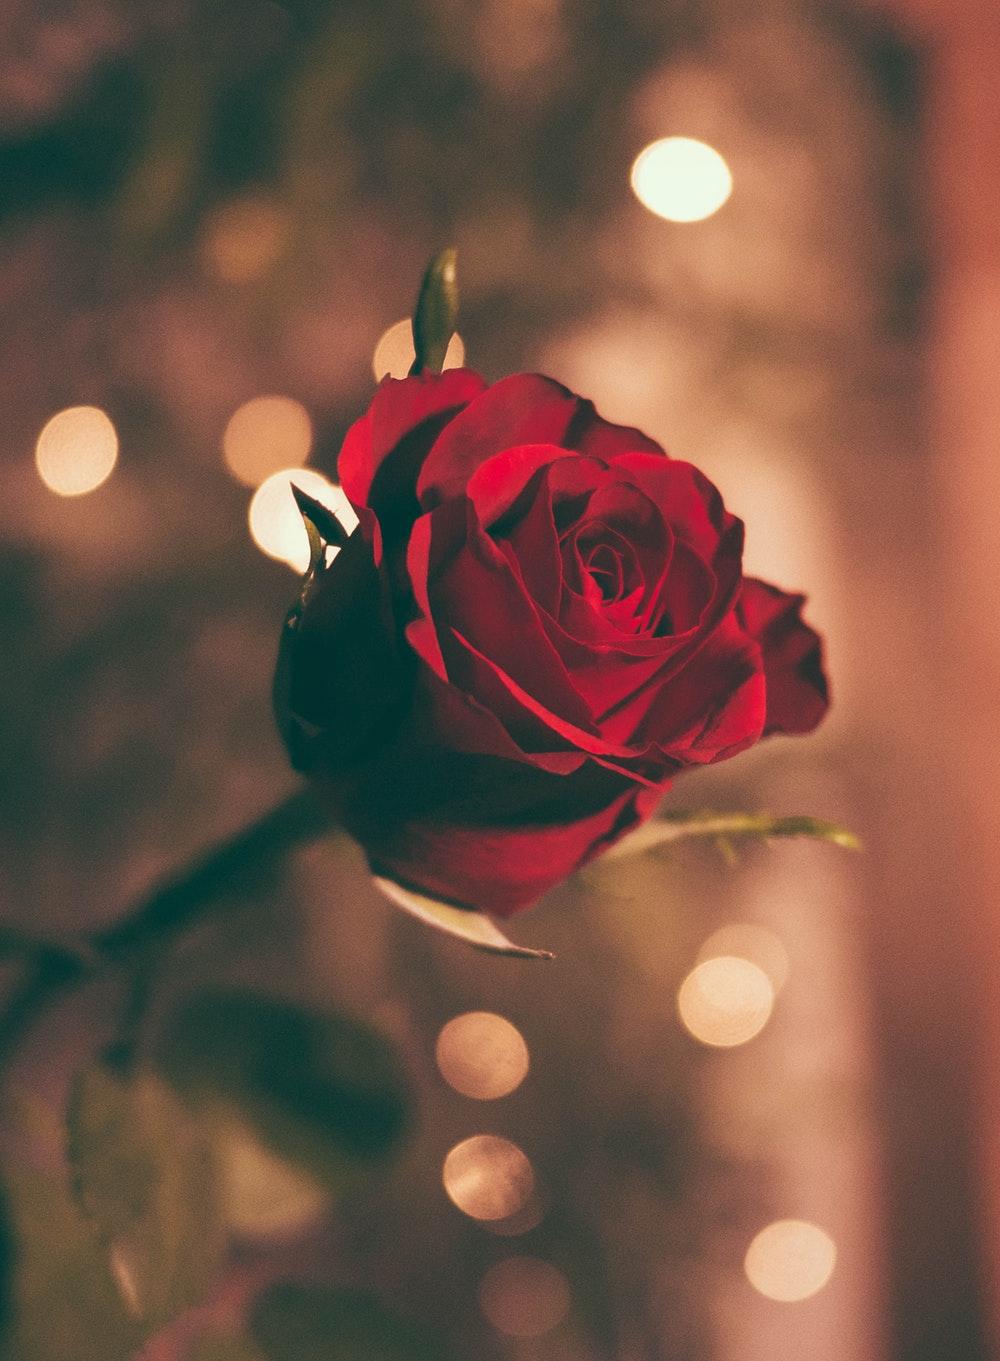 Hình ảnh hoa hồng ấm áp